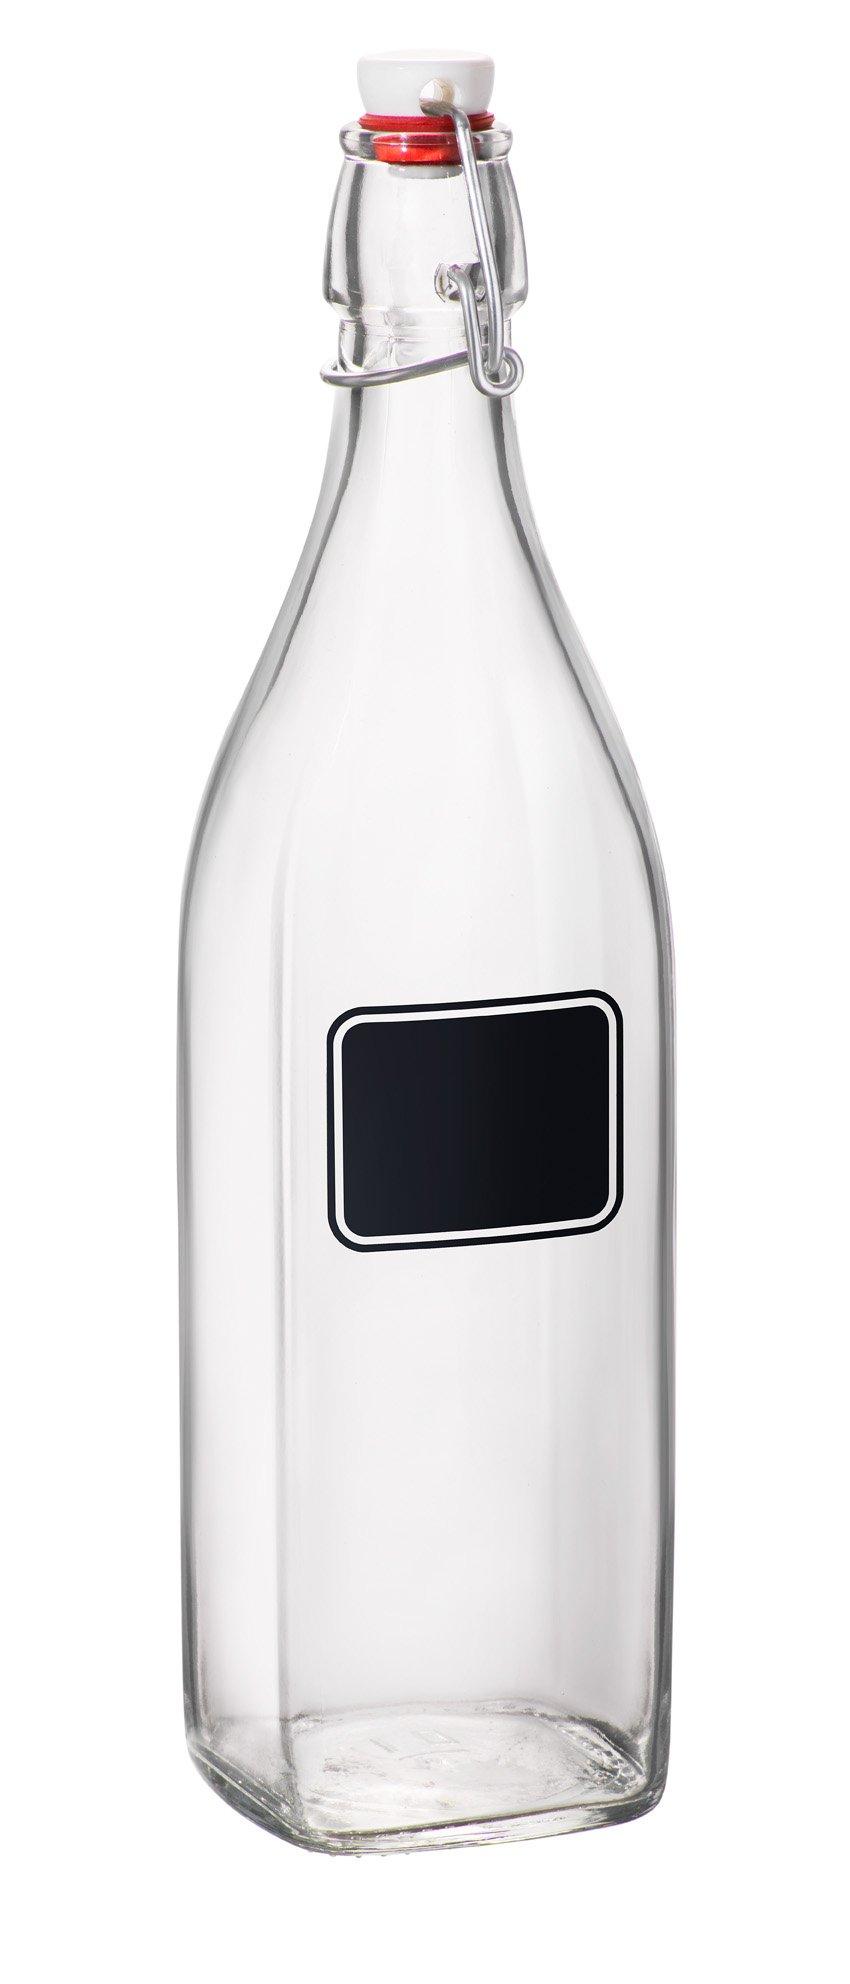 Bormioli Rocco Swing Bottle with Chalkboard, 33-3/4-Ounce